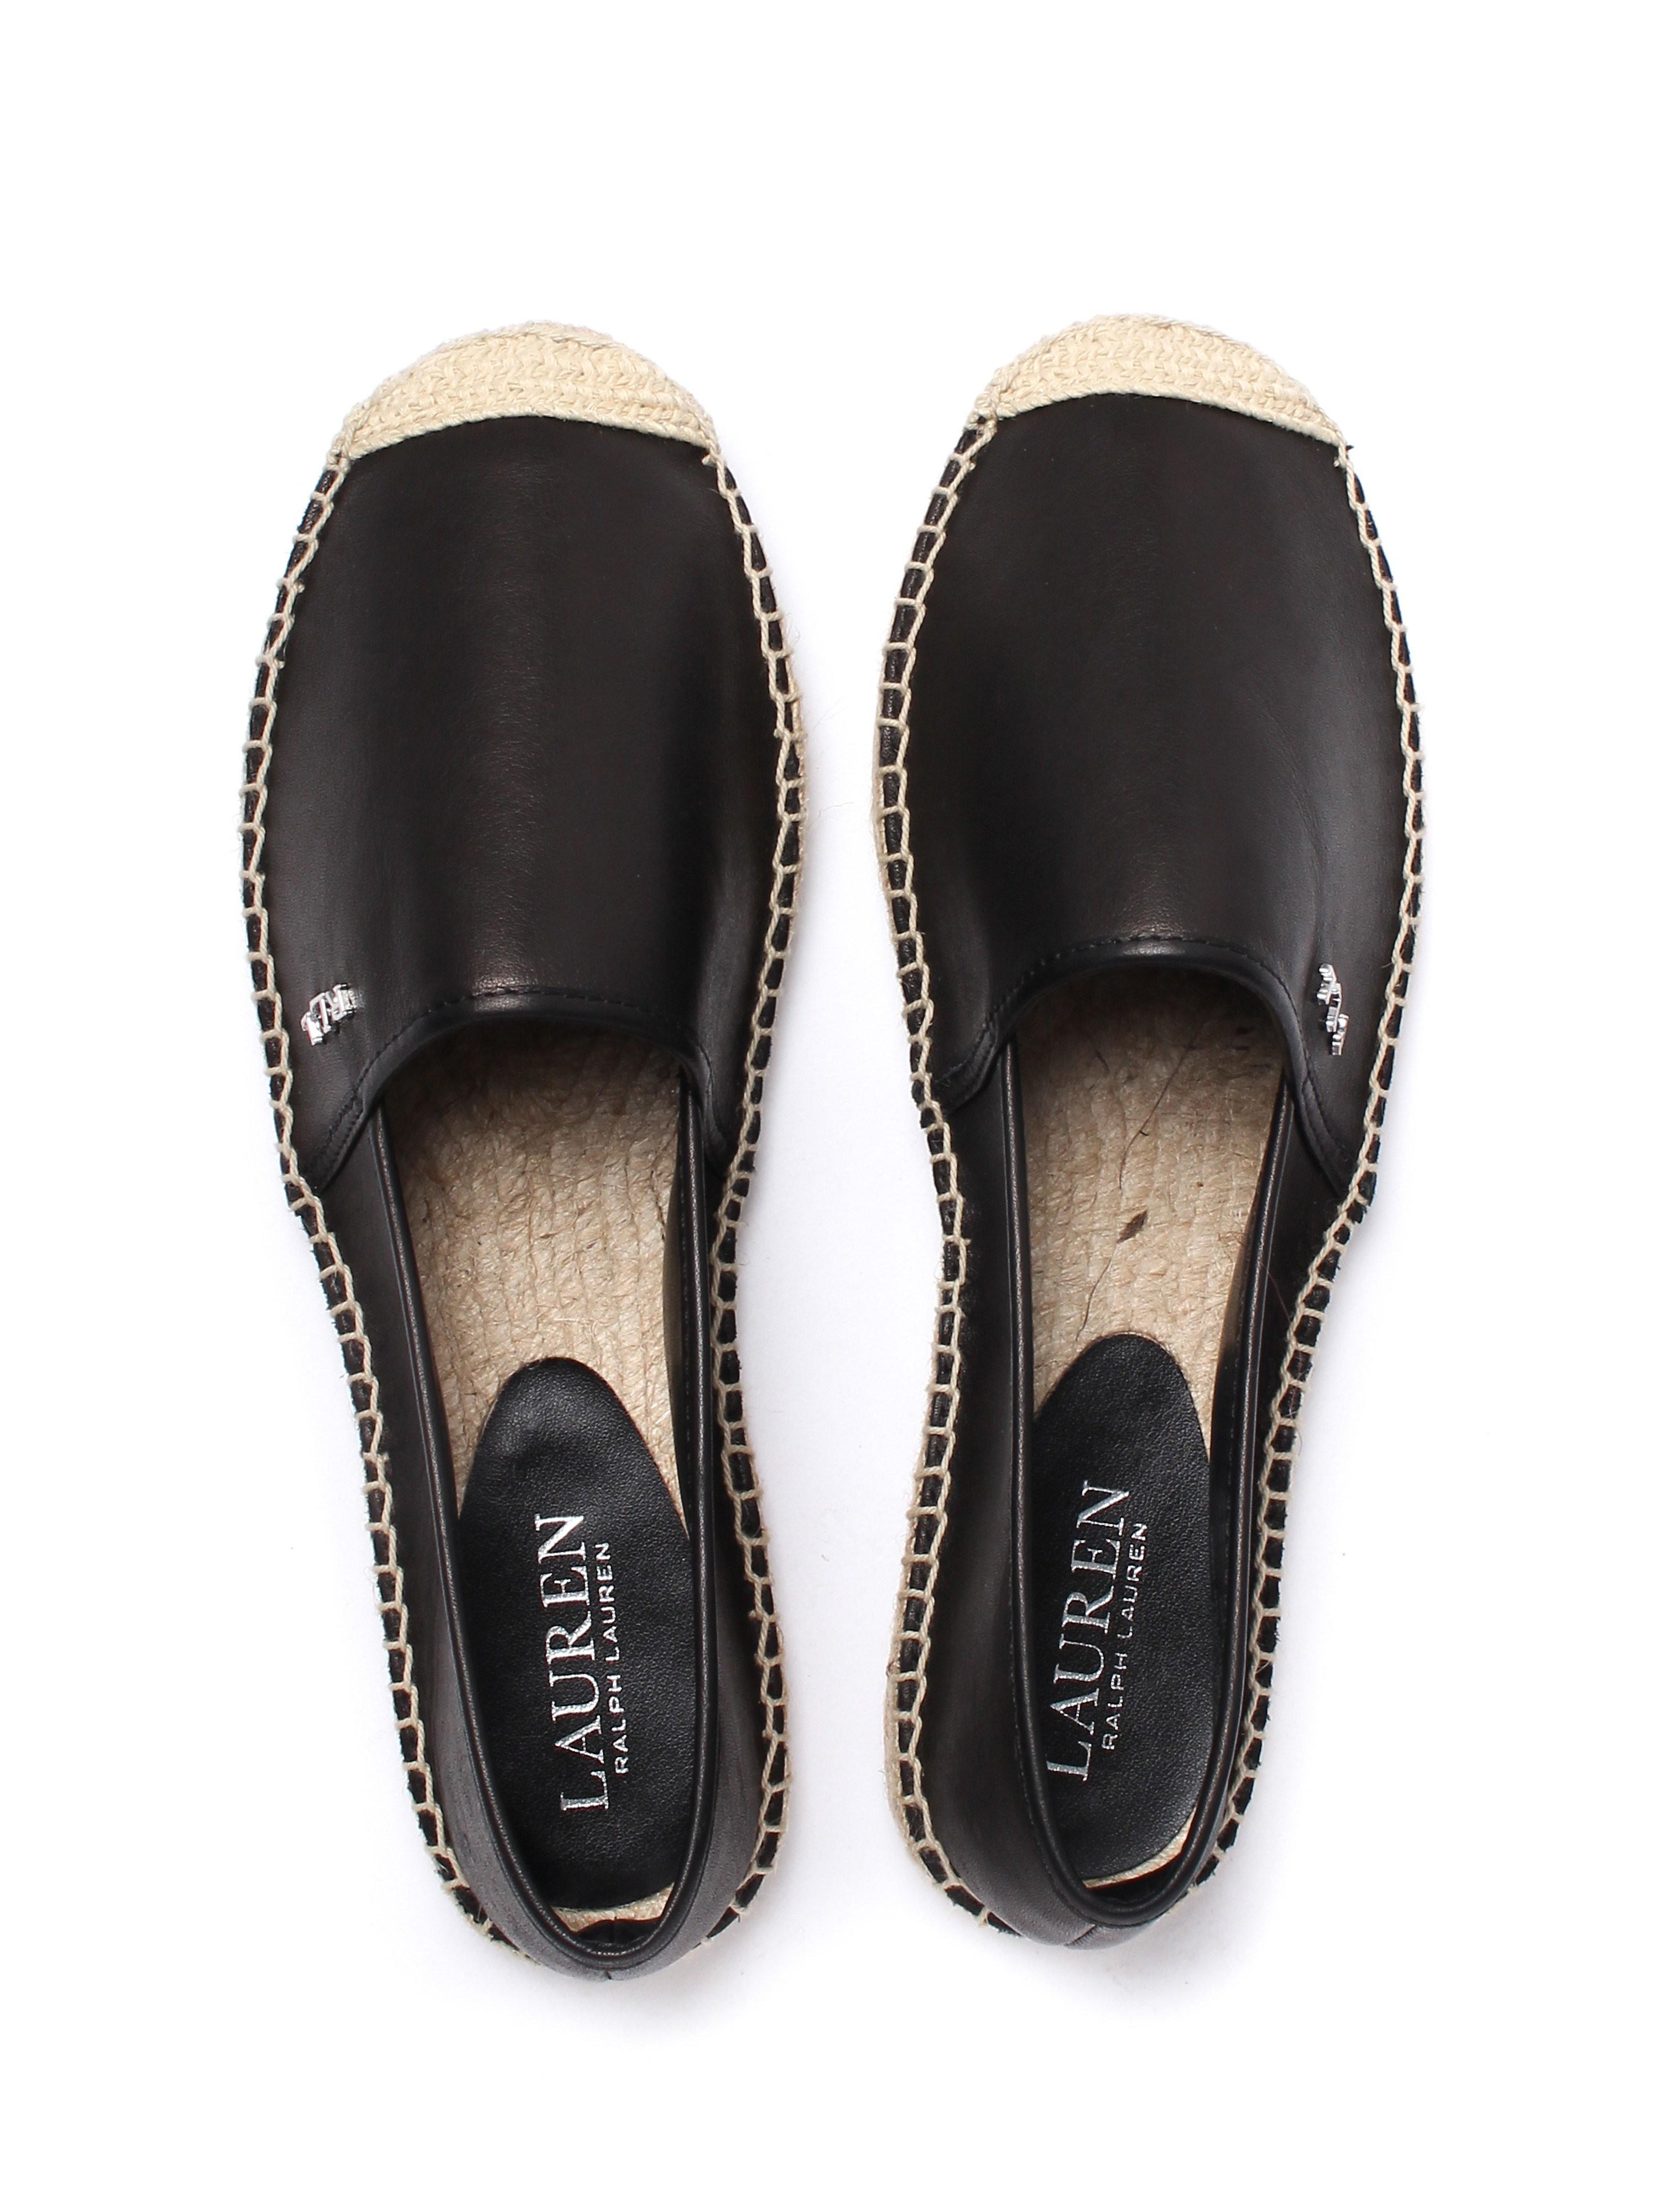 Lauren Ralph Lauren Women's Danita Suede Slip On Espadrilles - Casual Black